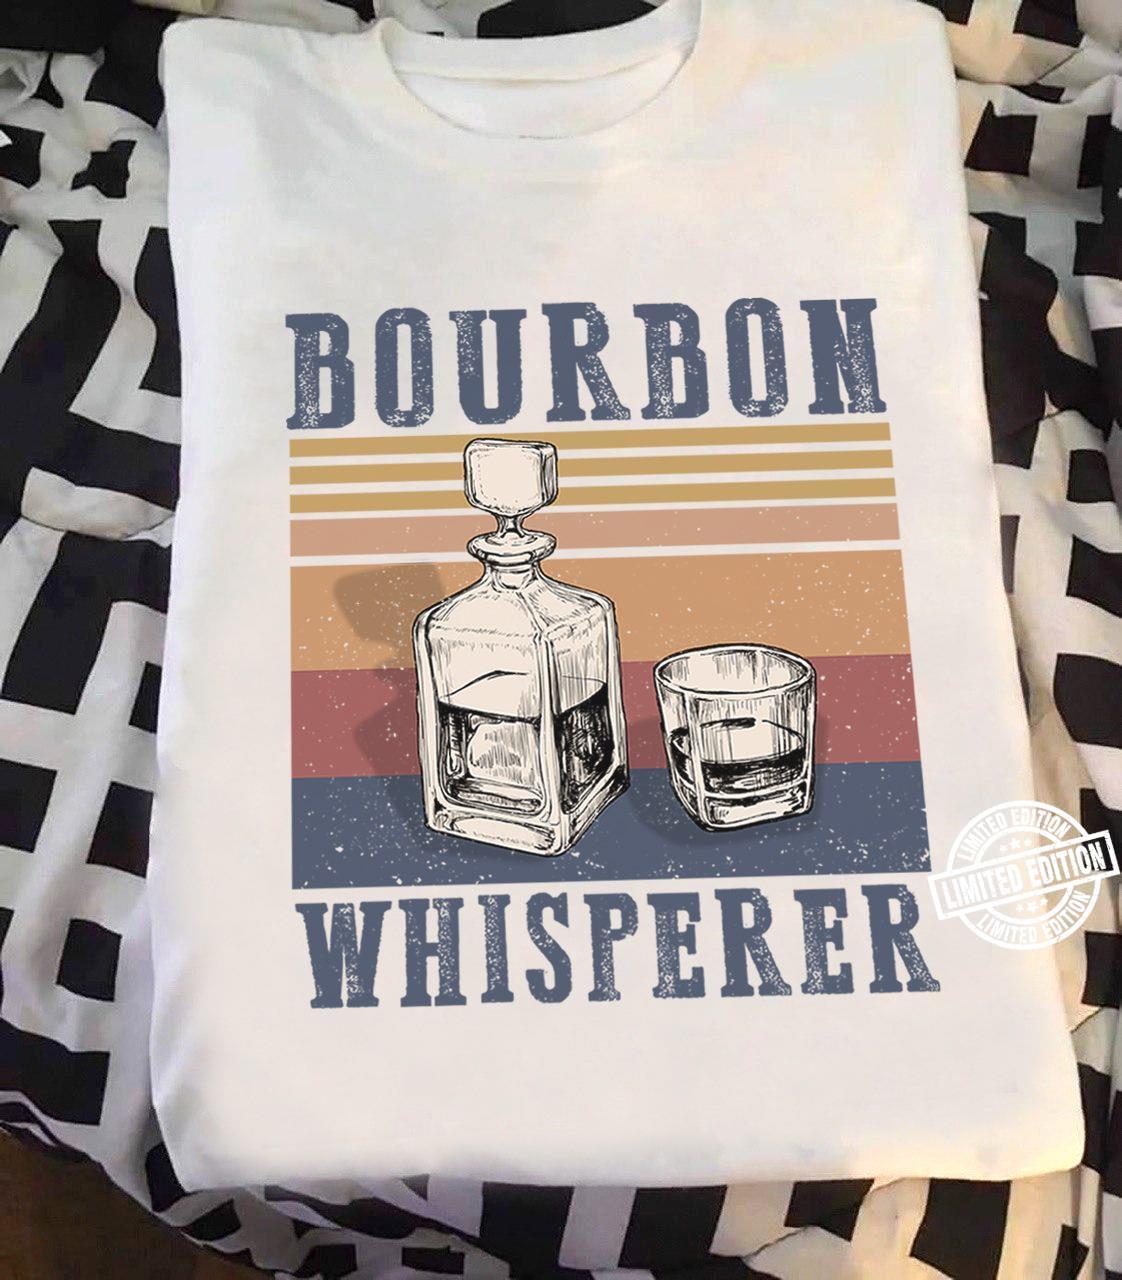 Bourbon whisperer shirt